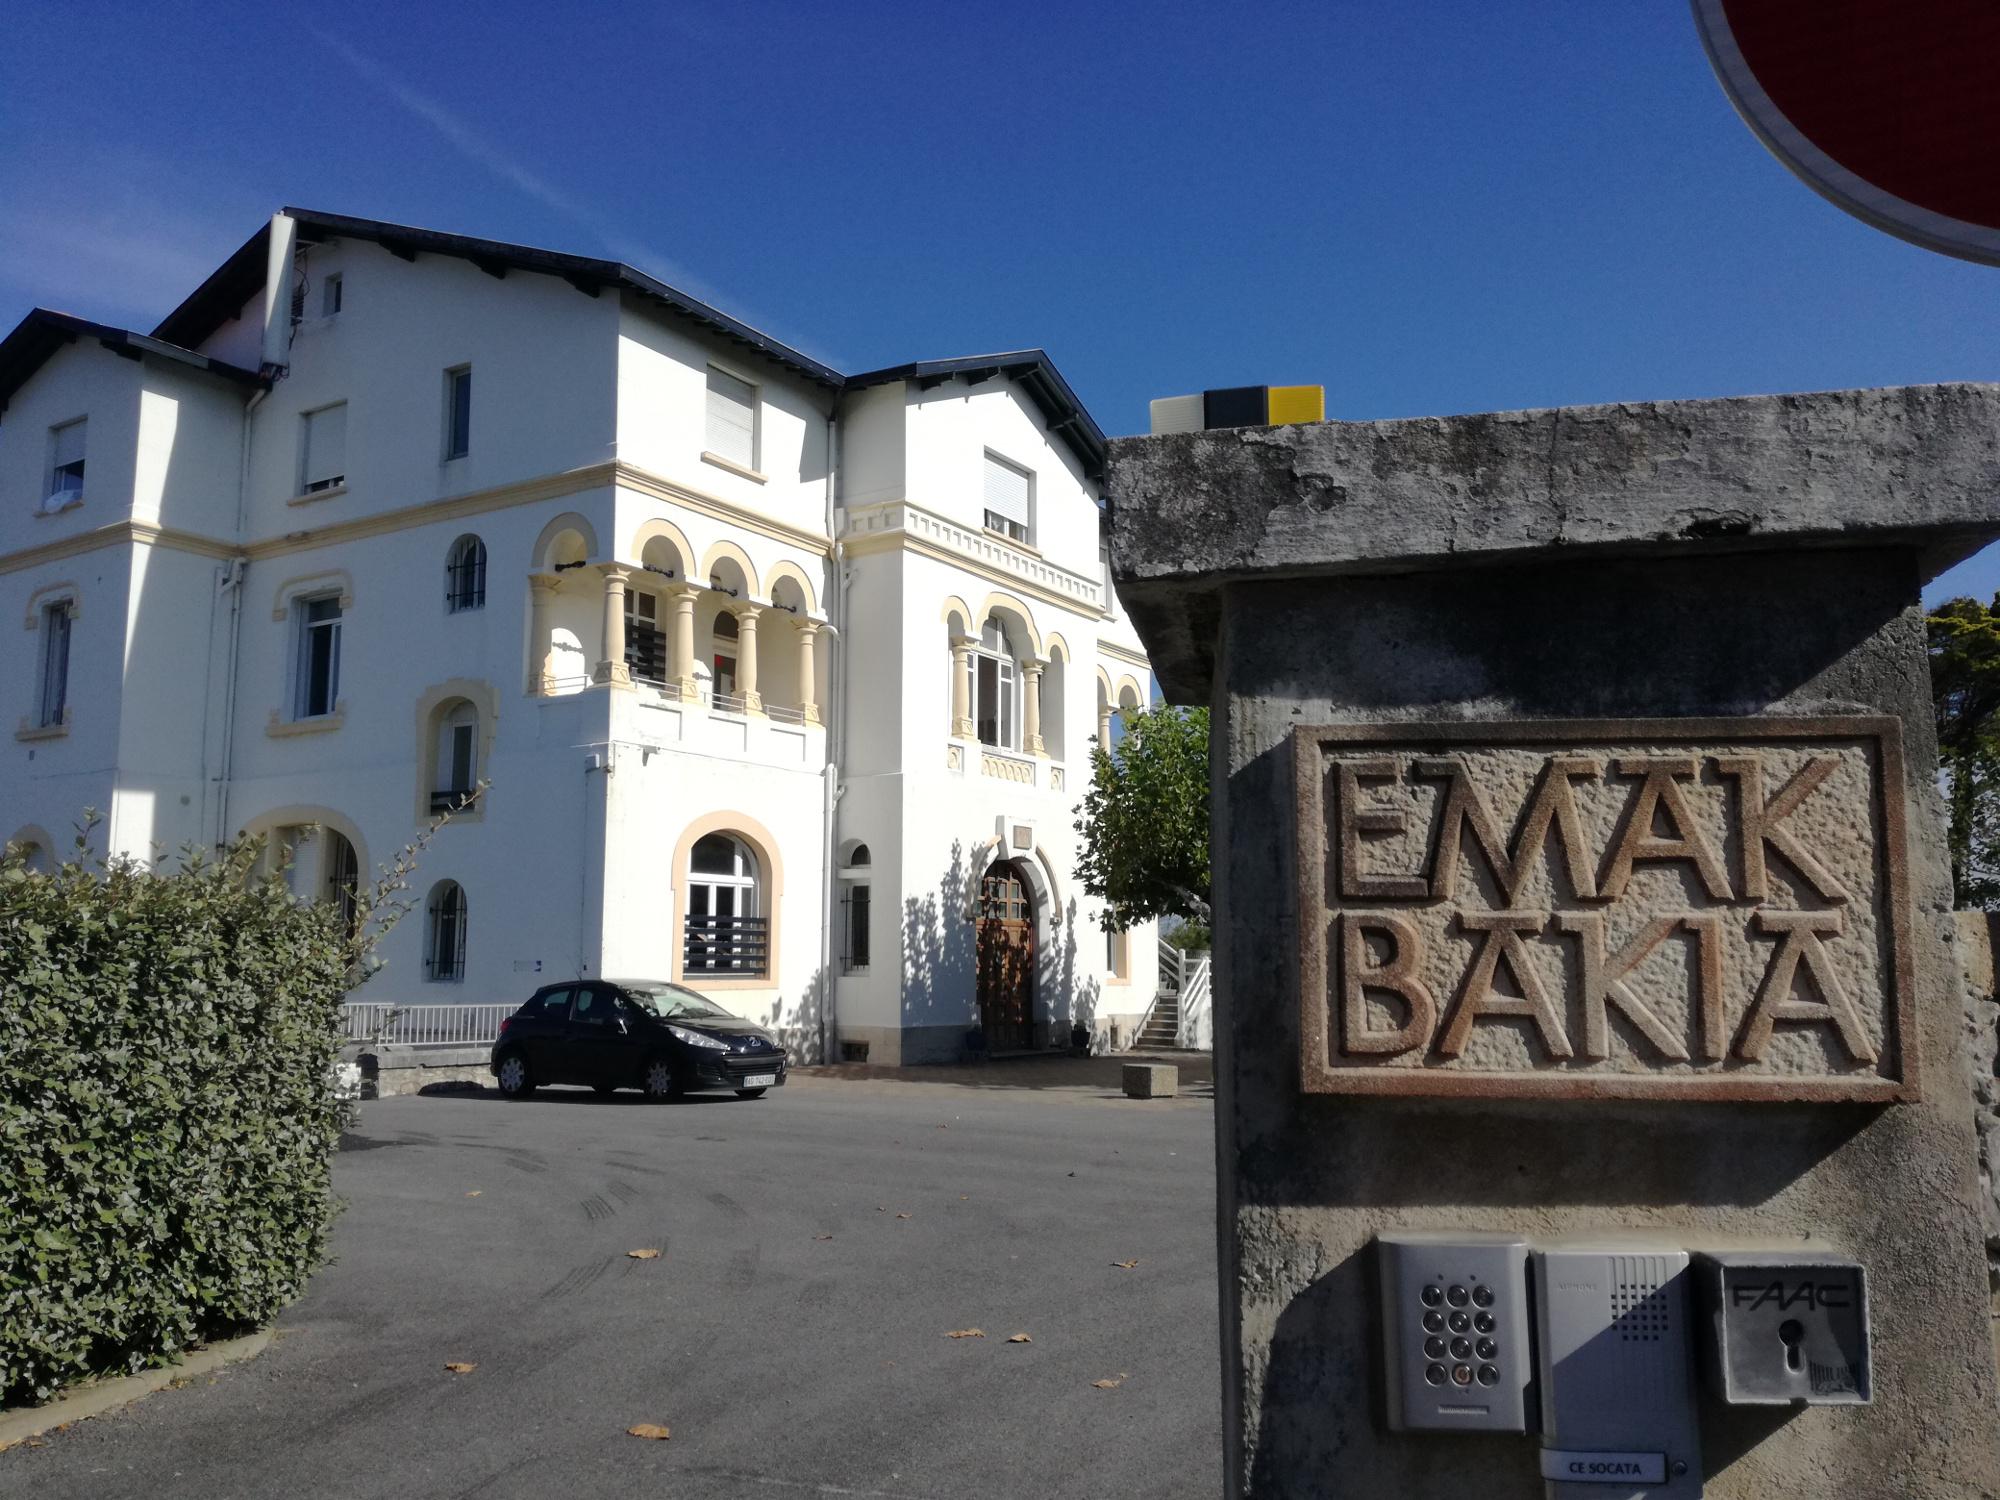 Emak Bakia etxea, la maison